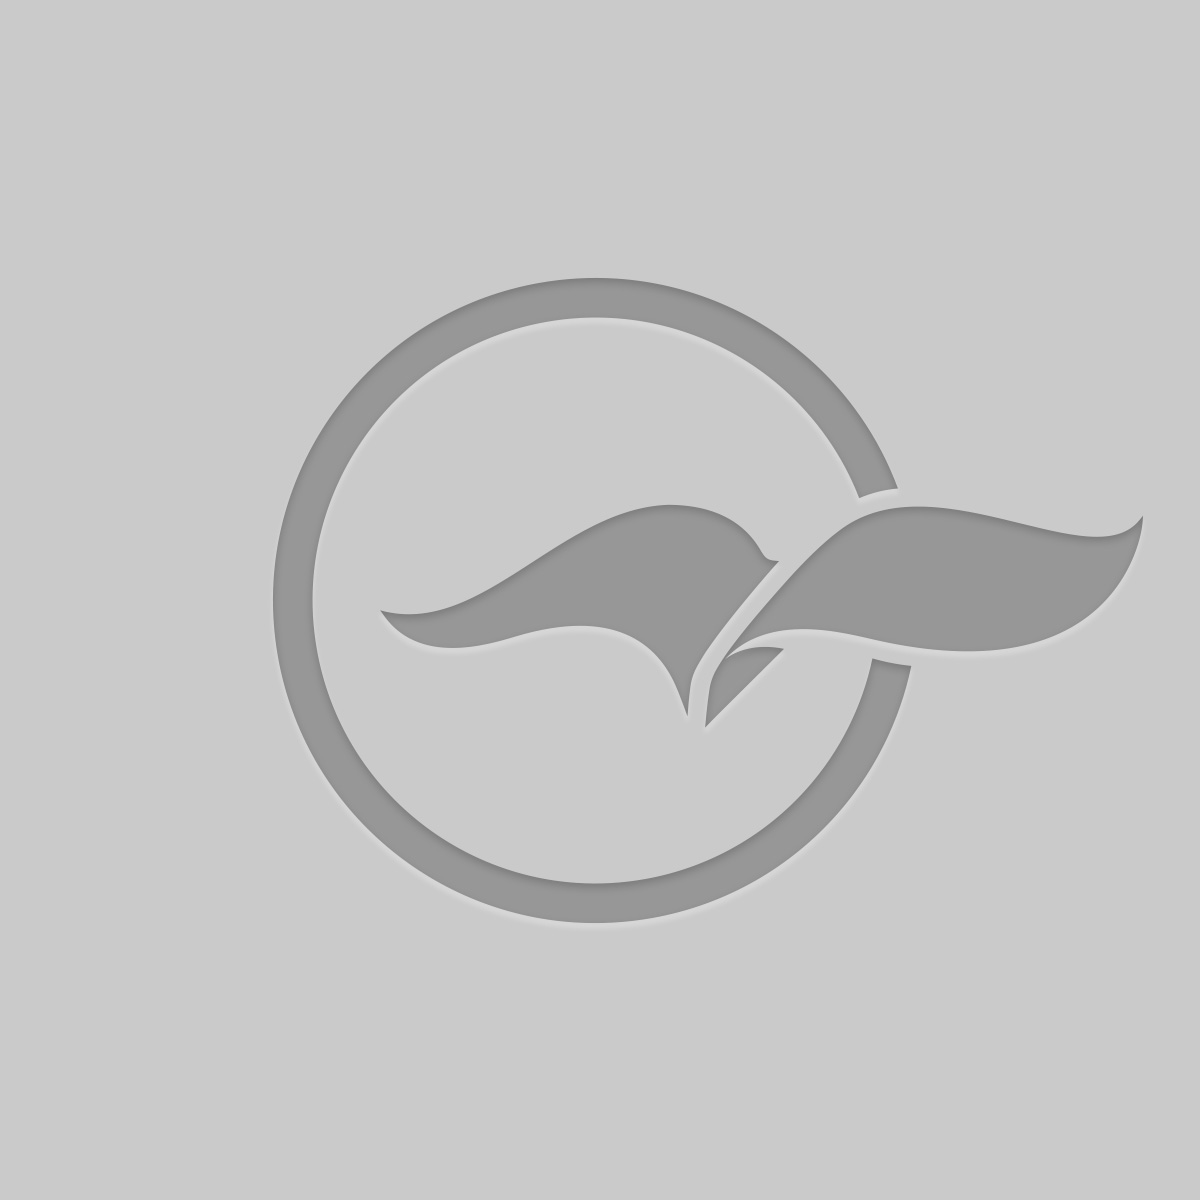 പരവൂർദുരന്തം: മരണ സംഖ്യ 113 ആയി